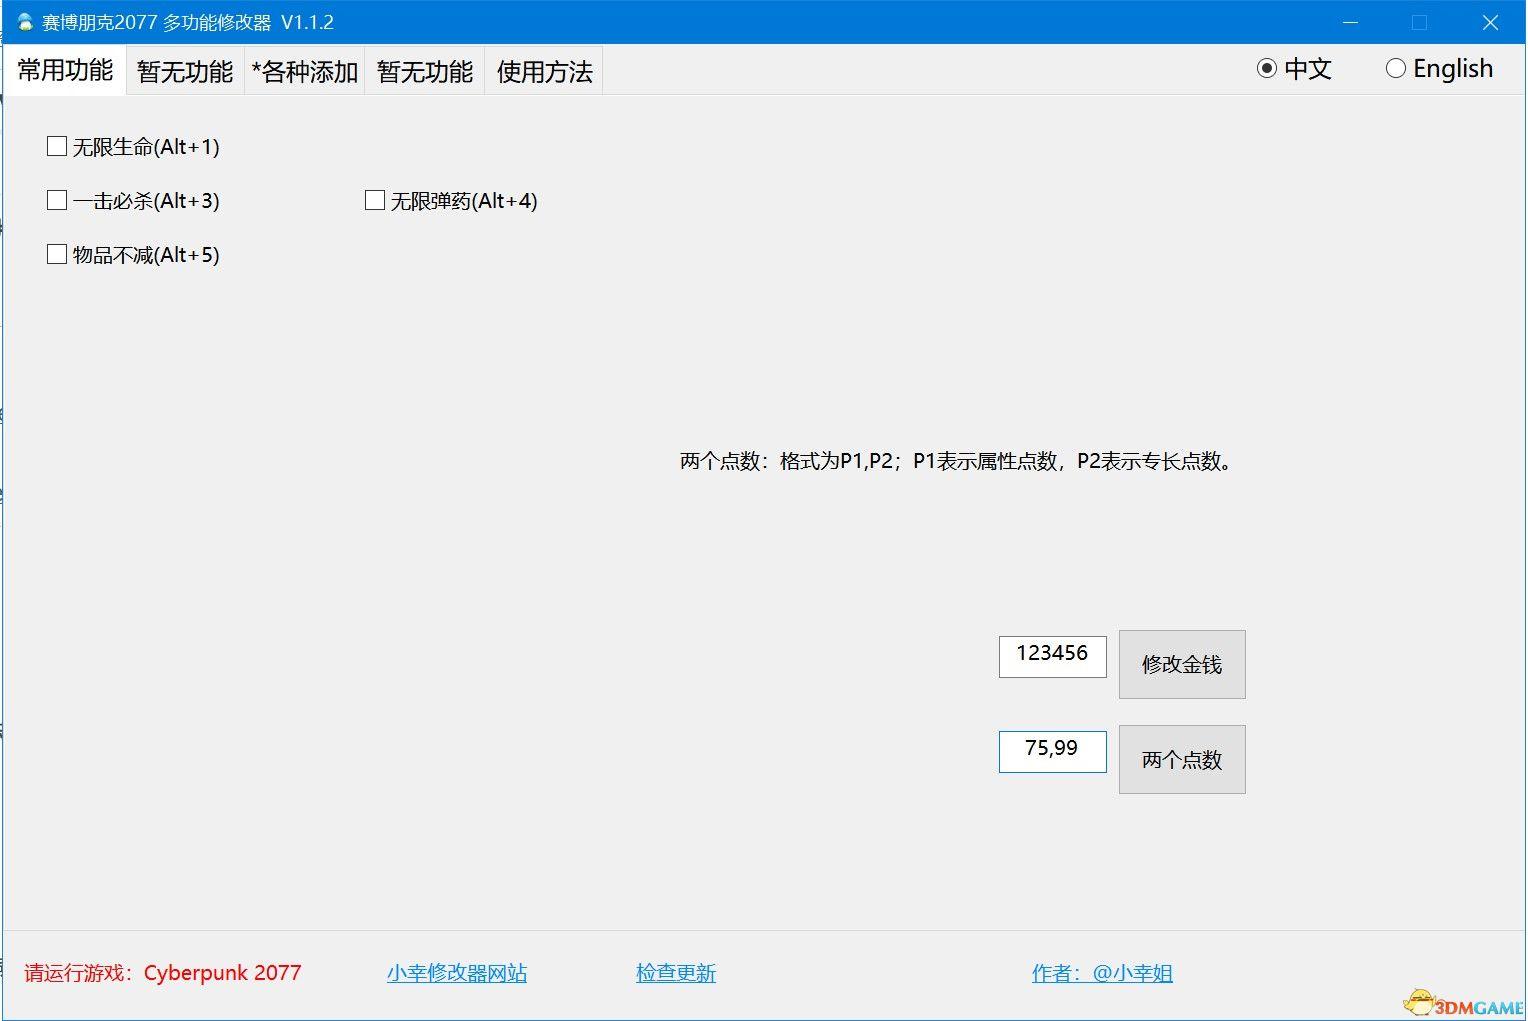 【支持属性点、专长点数修改】赛博朋克2077 多功能修改器 V1.1.2 By 小幸